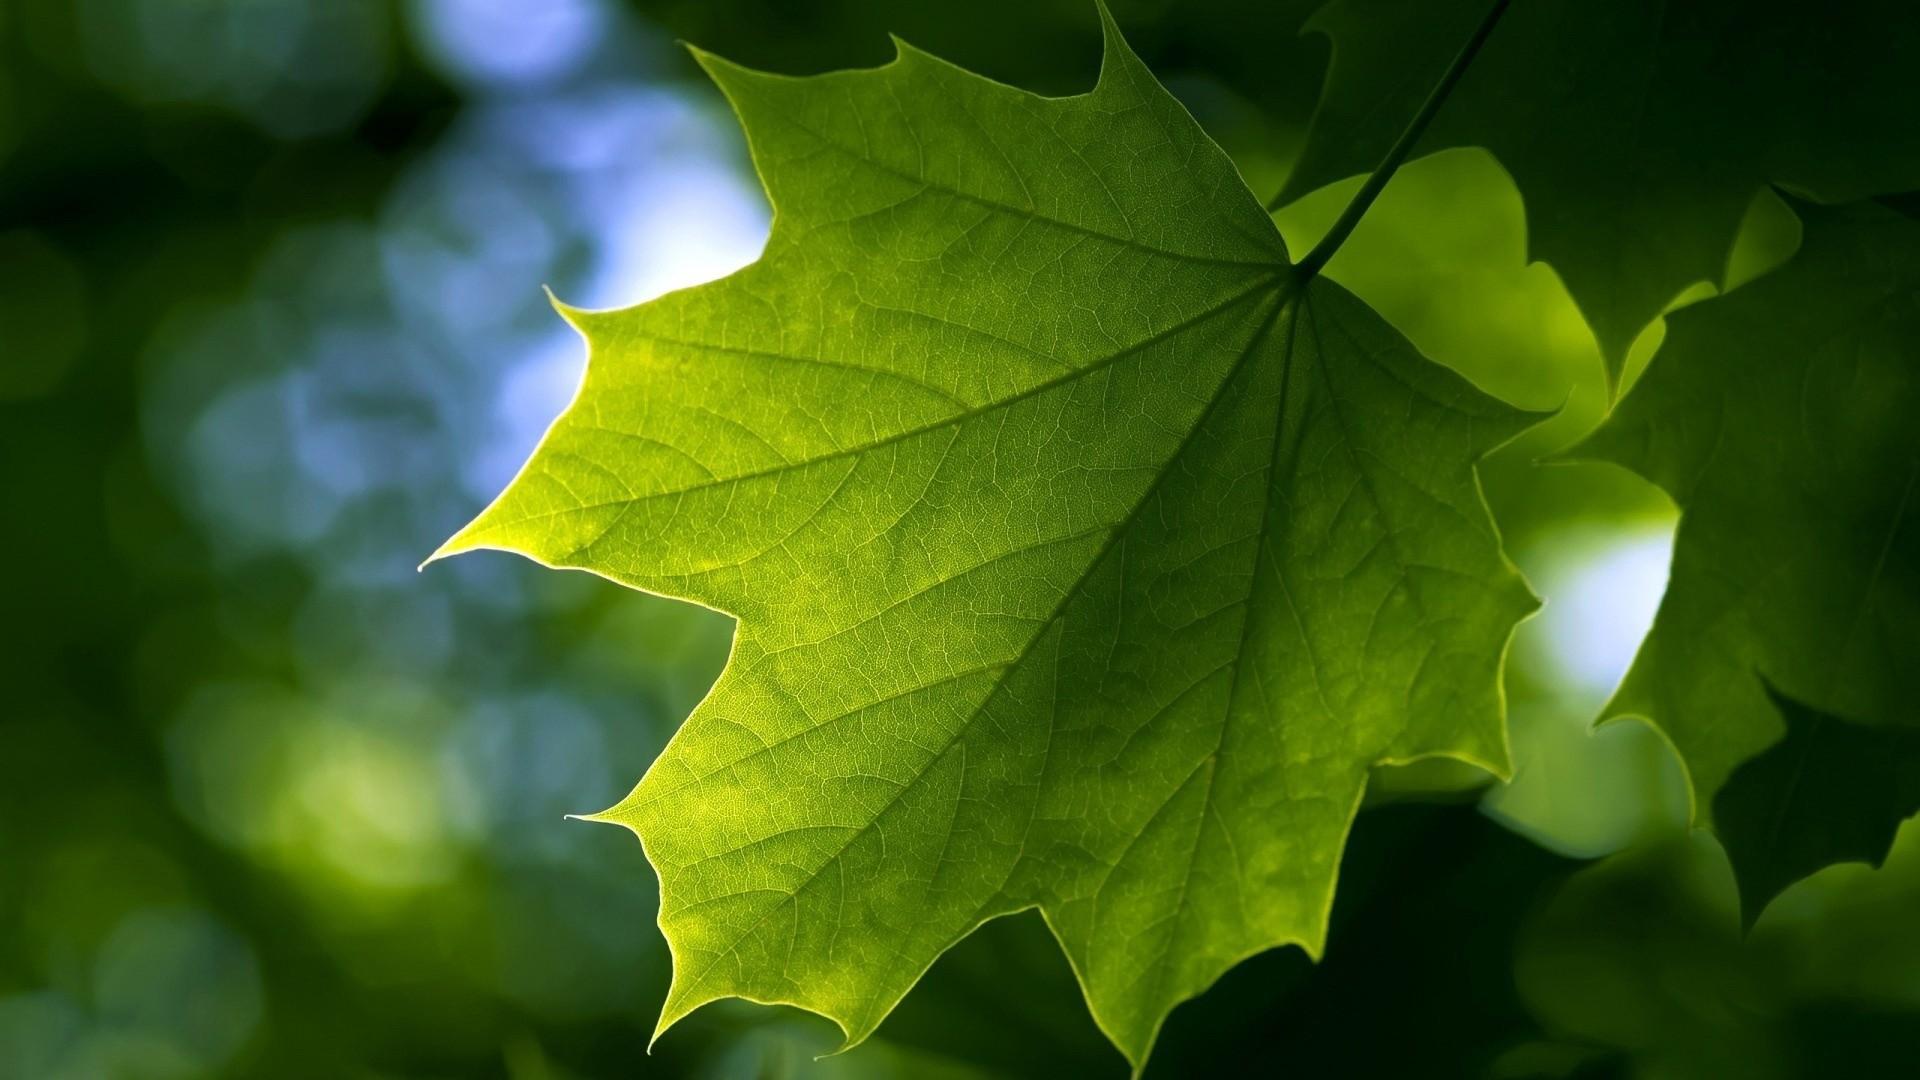 绿色树叶特写电脑壁纸图片